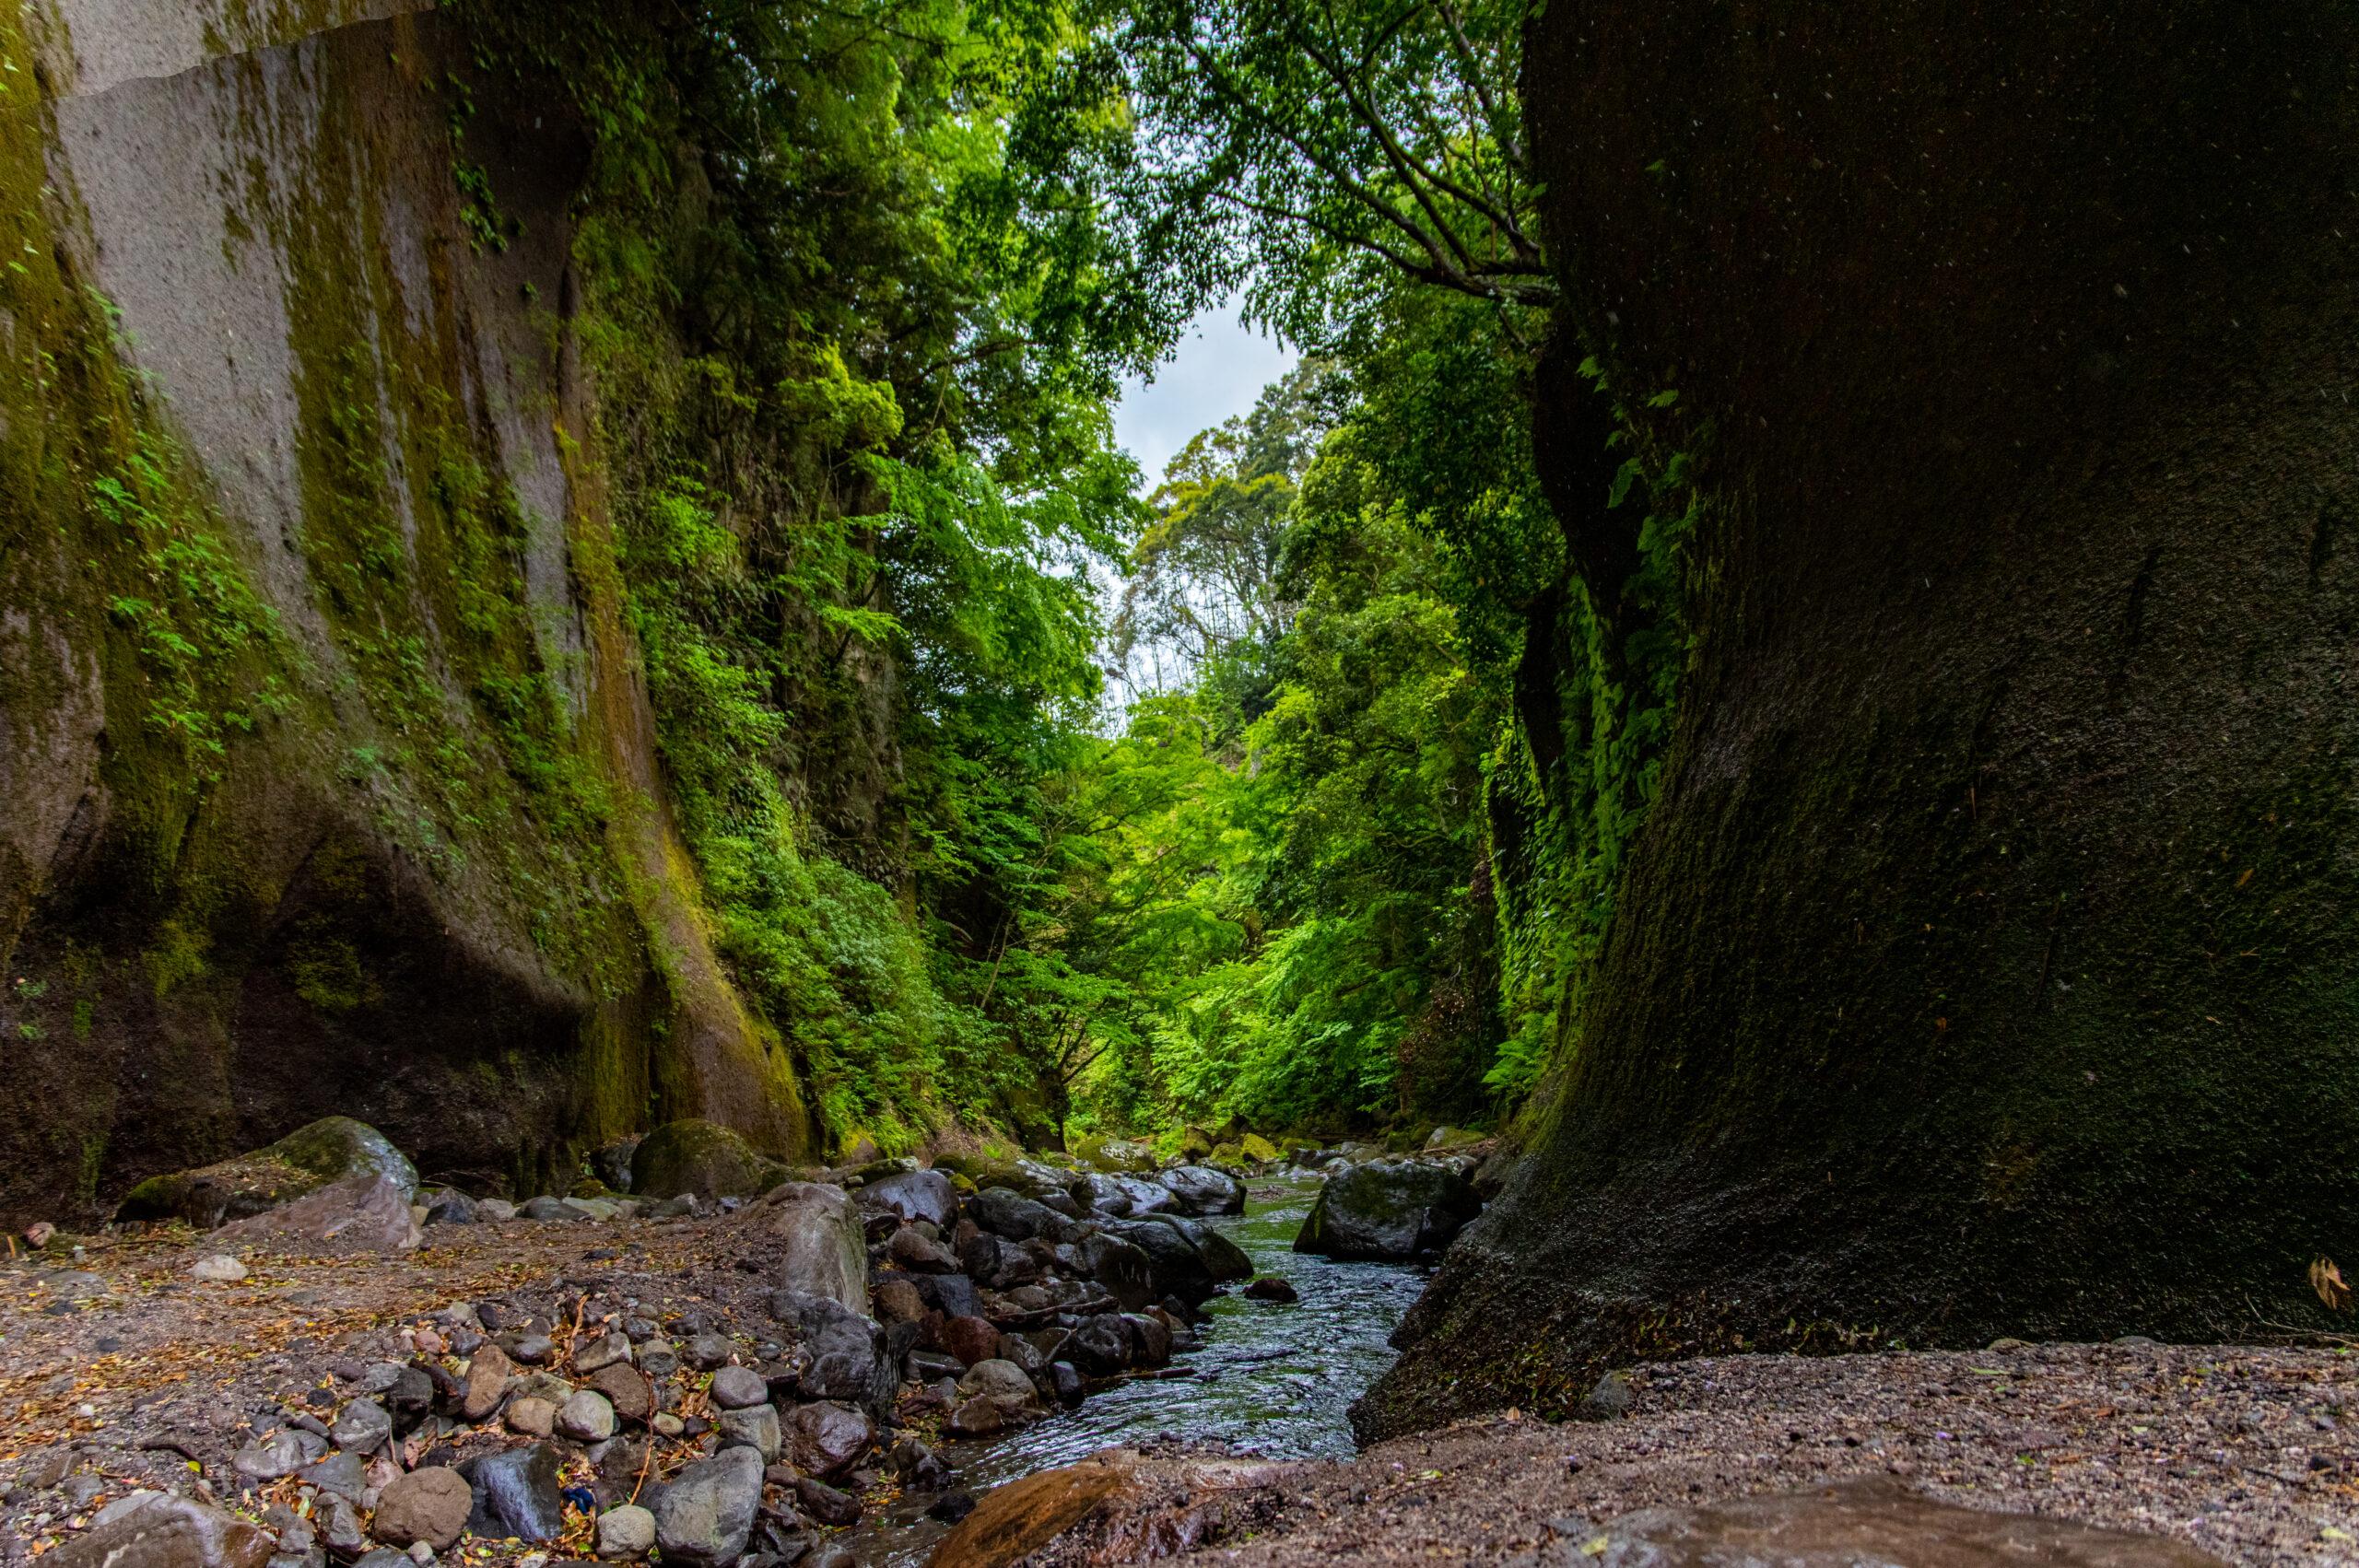 決して徒歩で行こうとするな。大分県の由布川峡谷への徒歩での行き方。